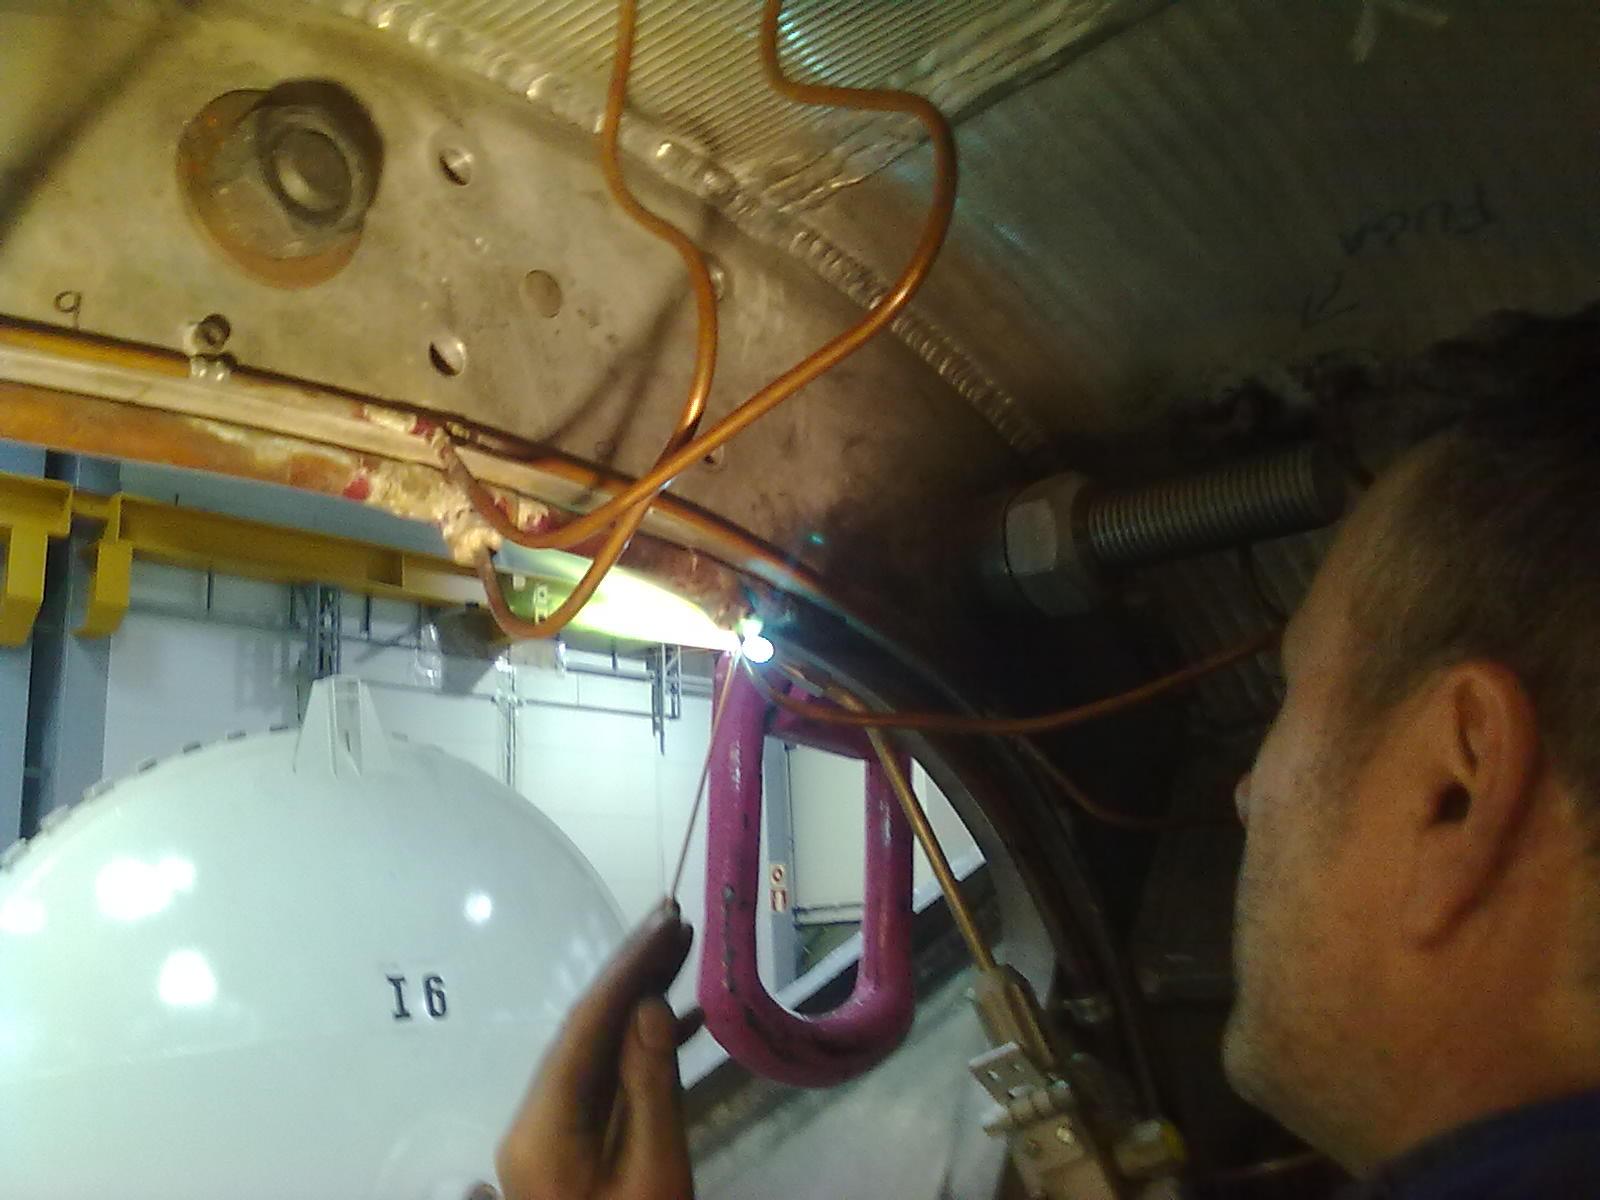 11022011126 - Metalwork and Welding